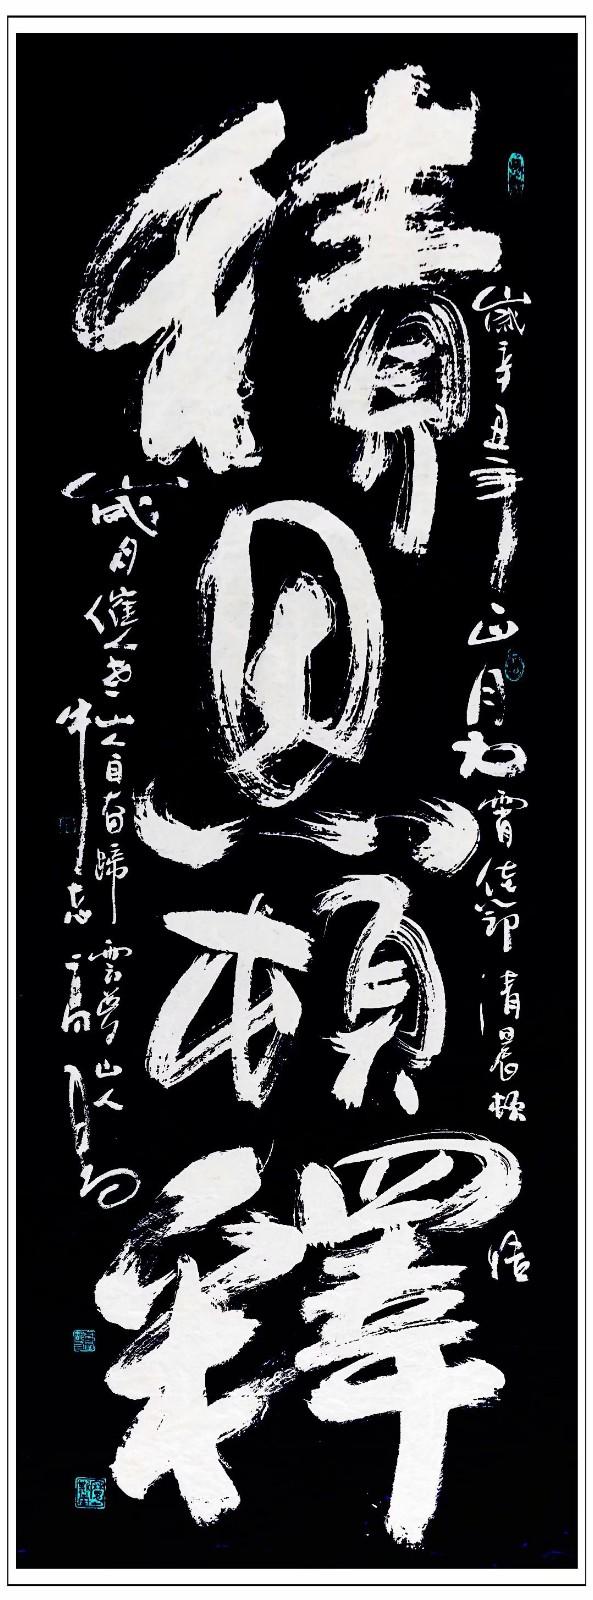 牛志高书法----2021.02.26_图1-2